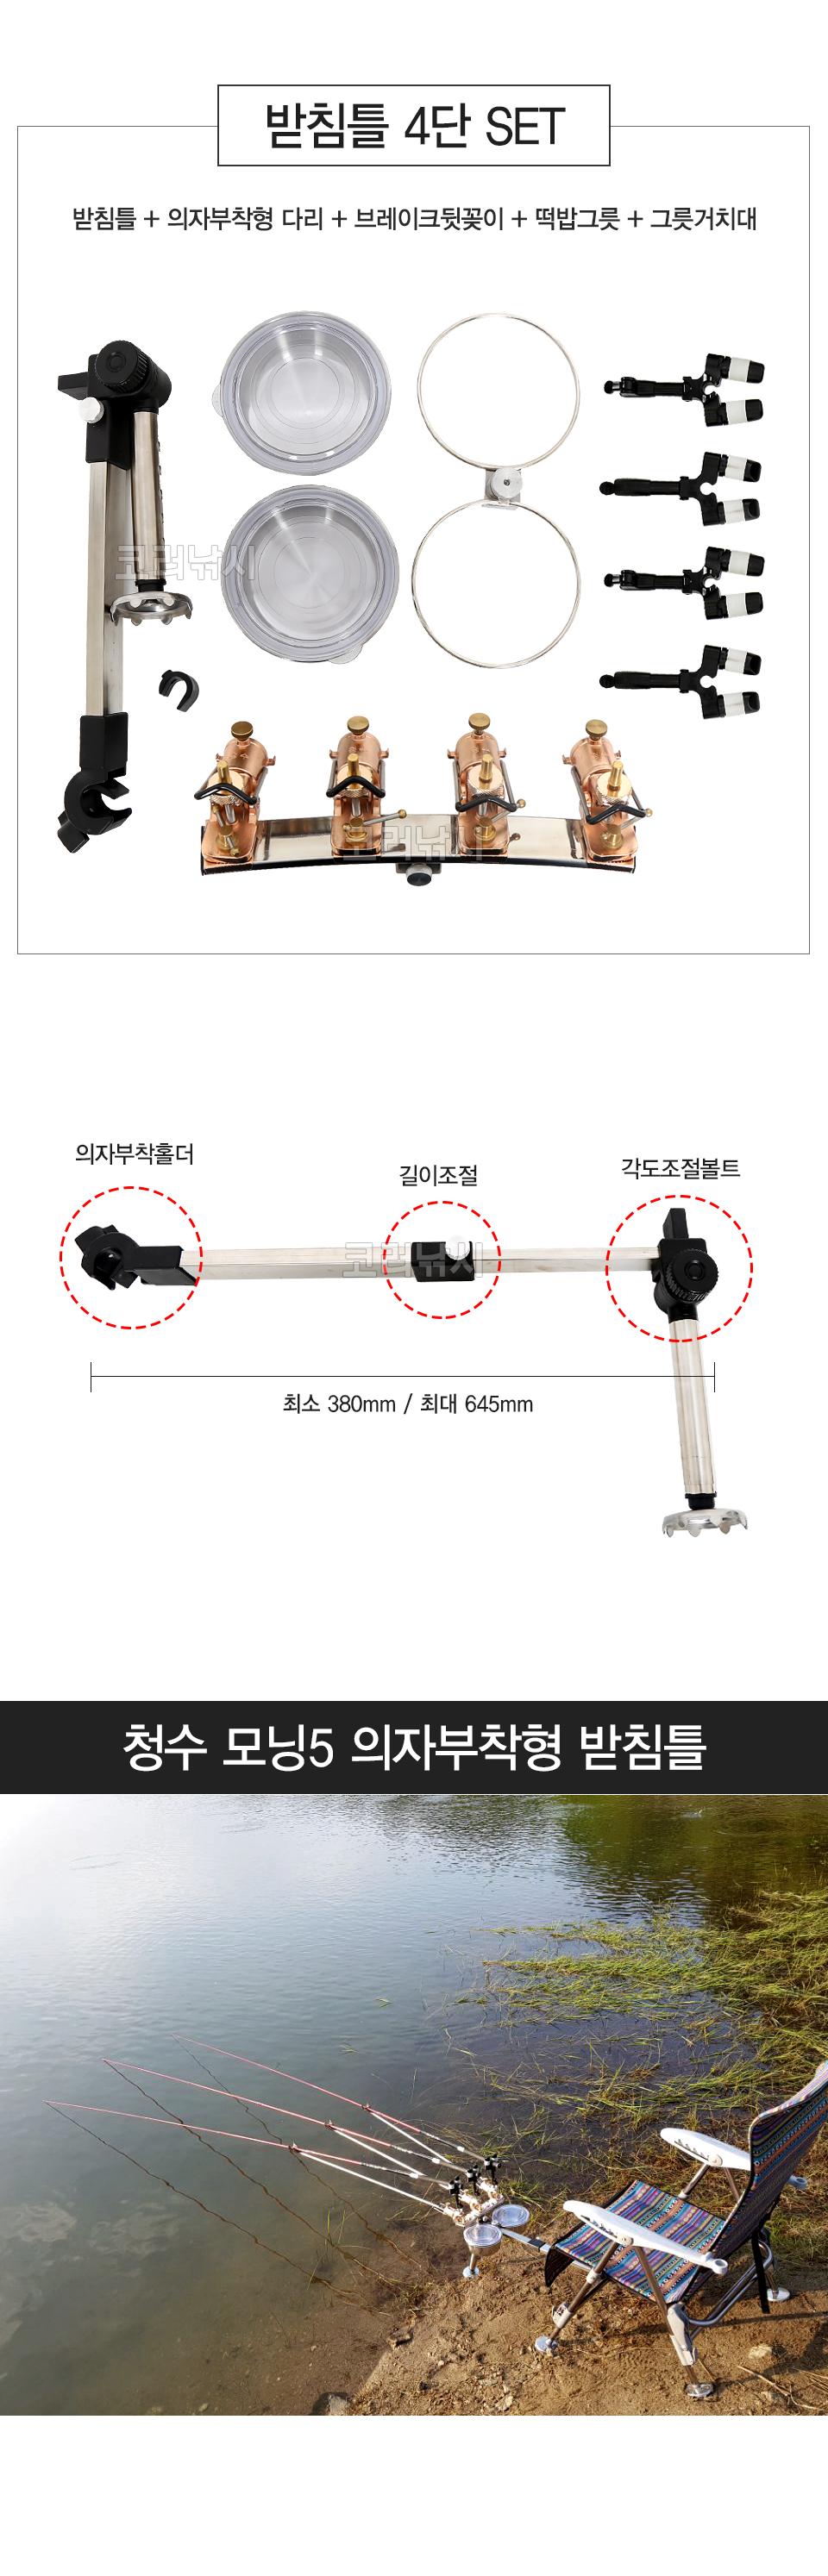 청수 모닝5 의자부착형 받침틀 (2017 신제품) / 브레이크뒷꽃이 타입 의자받침틀 양어장받침틀 민물받침틀